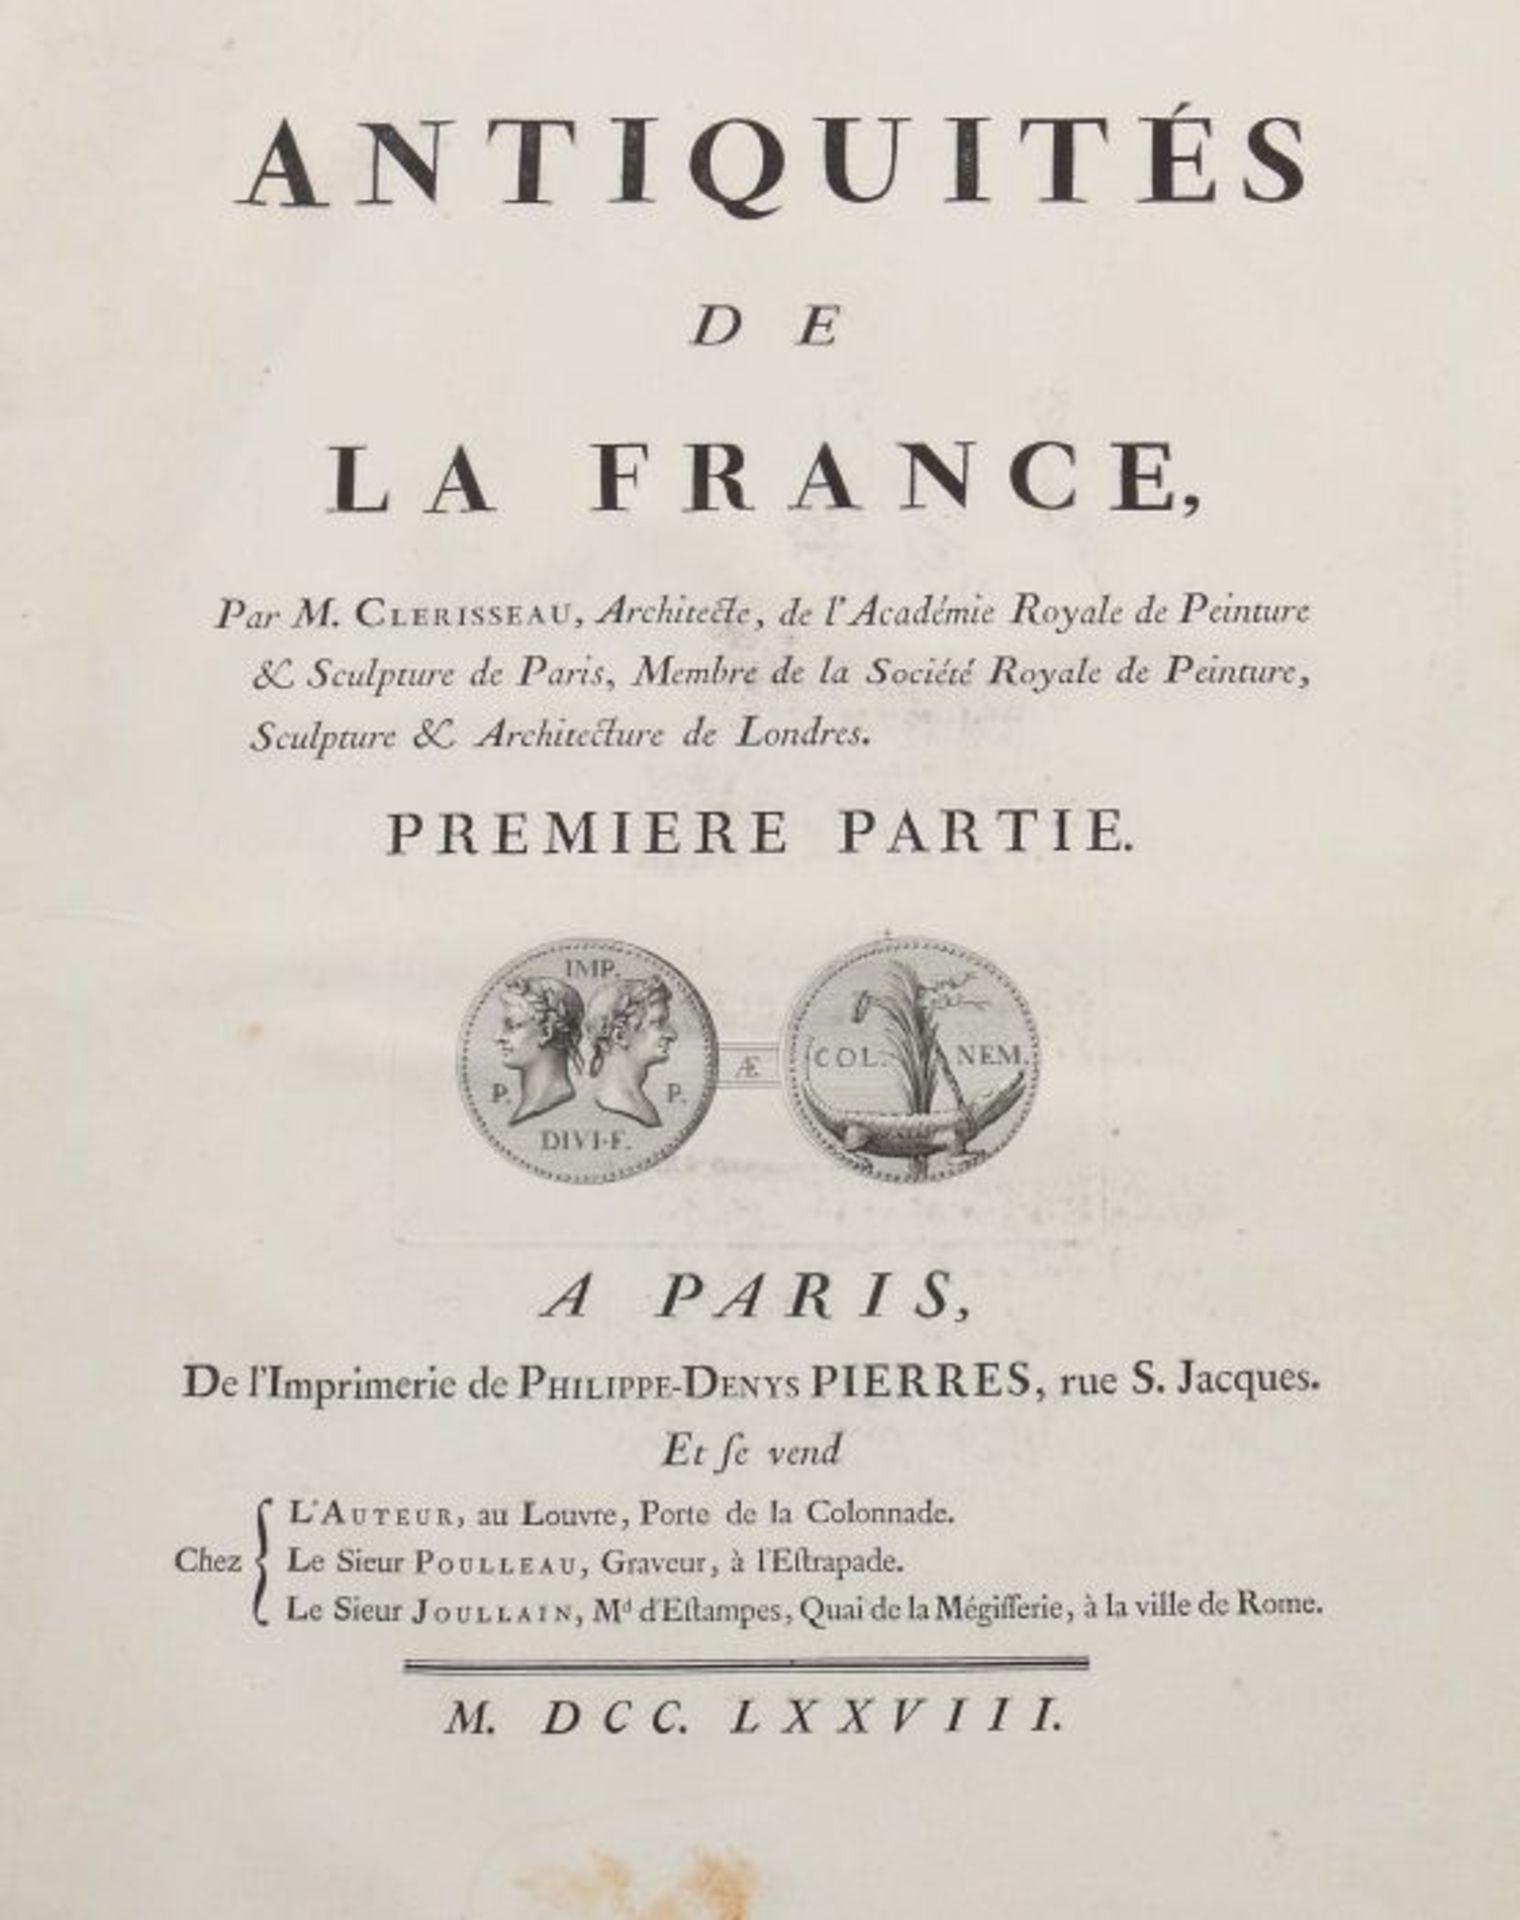 Clérisseau, Charles-Louis Antiquités de la France - Monumens de Nismes, Pierres, Paris, 1778, - Bild 2 aus 11